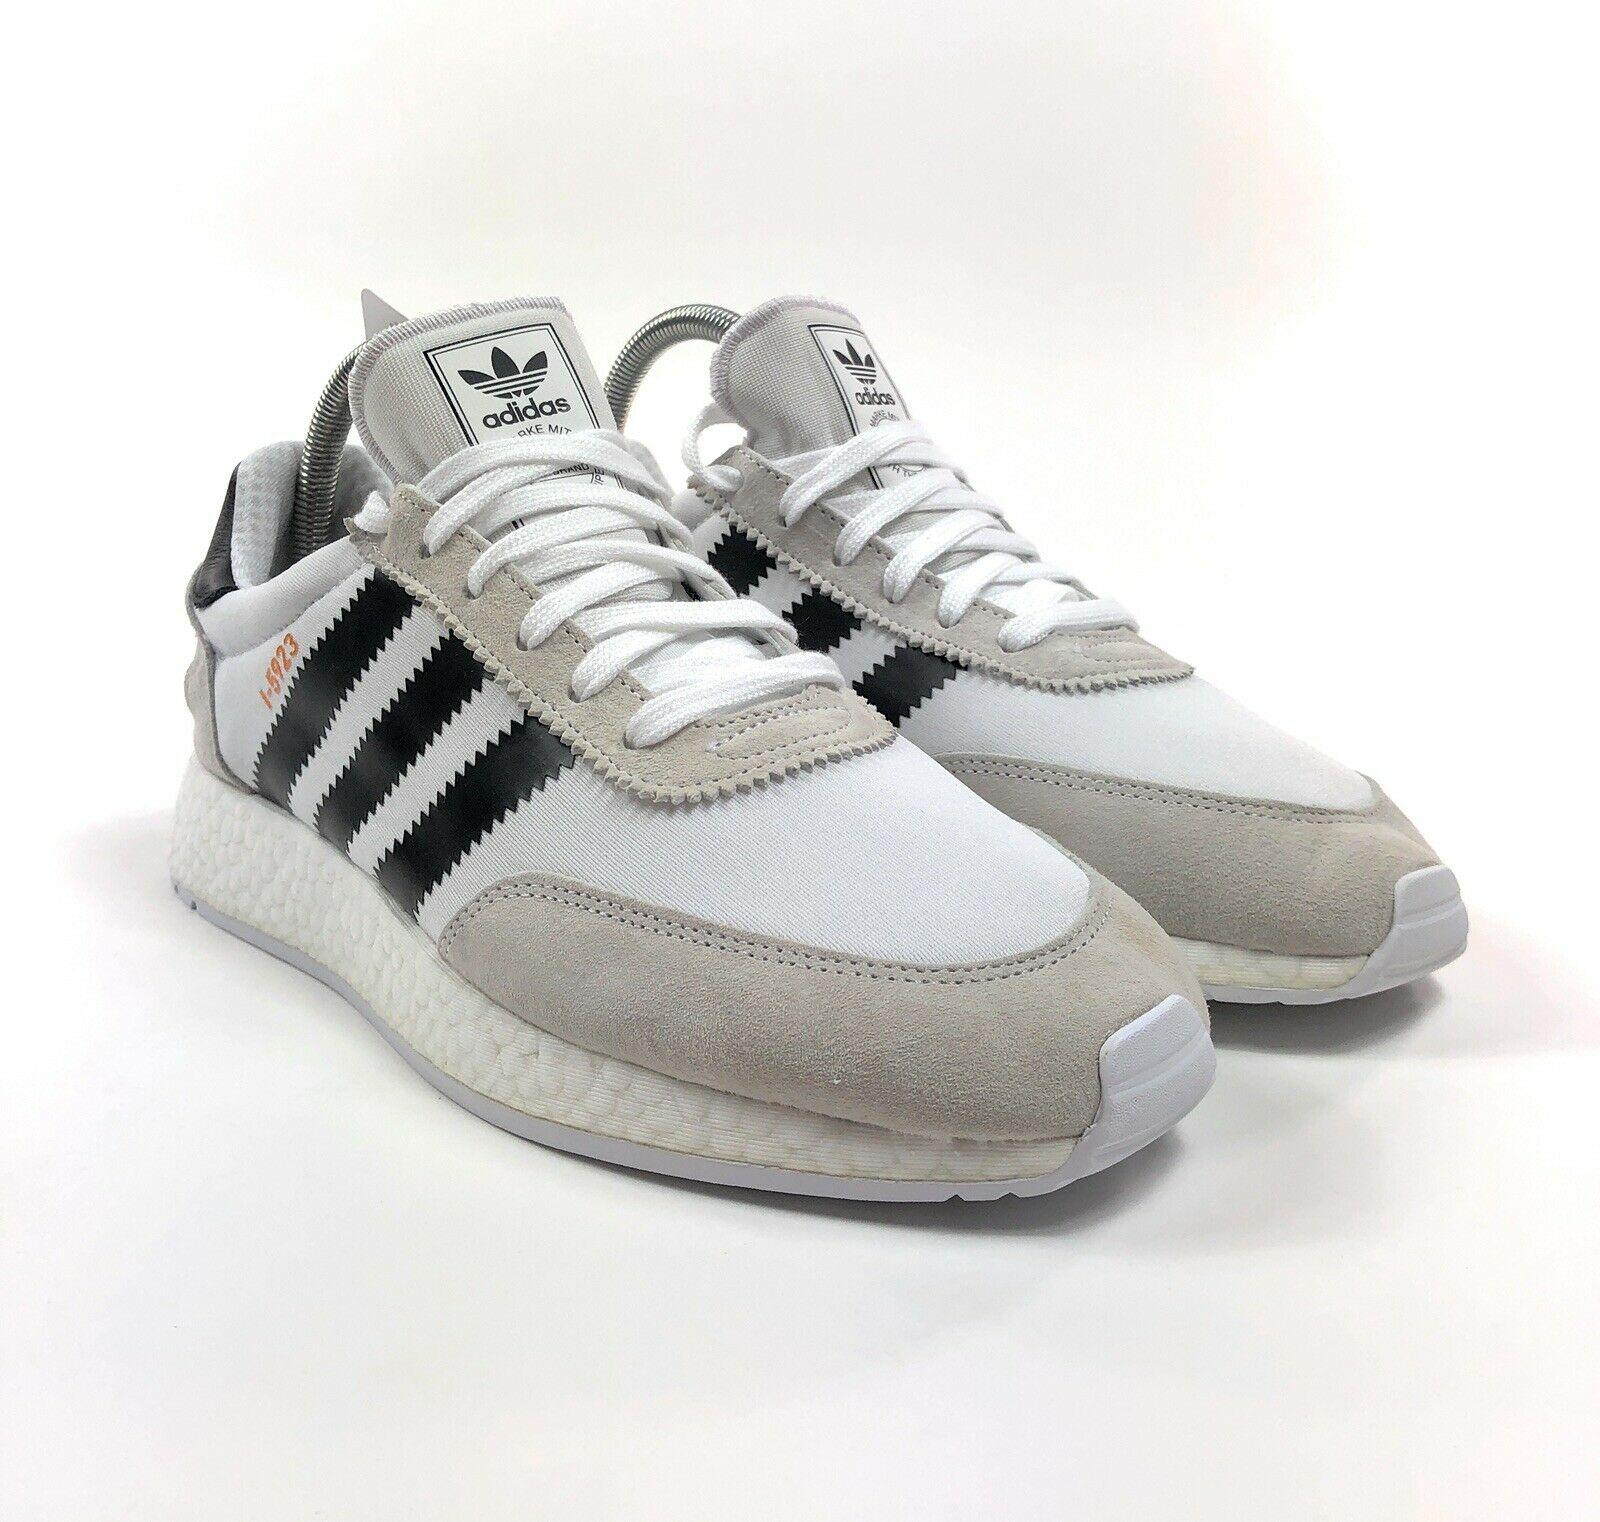 Adidas I 5923 White Black